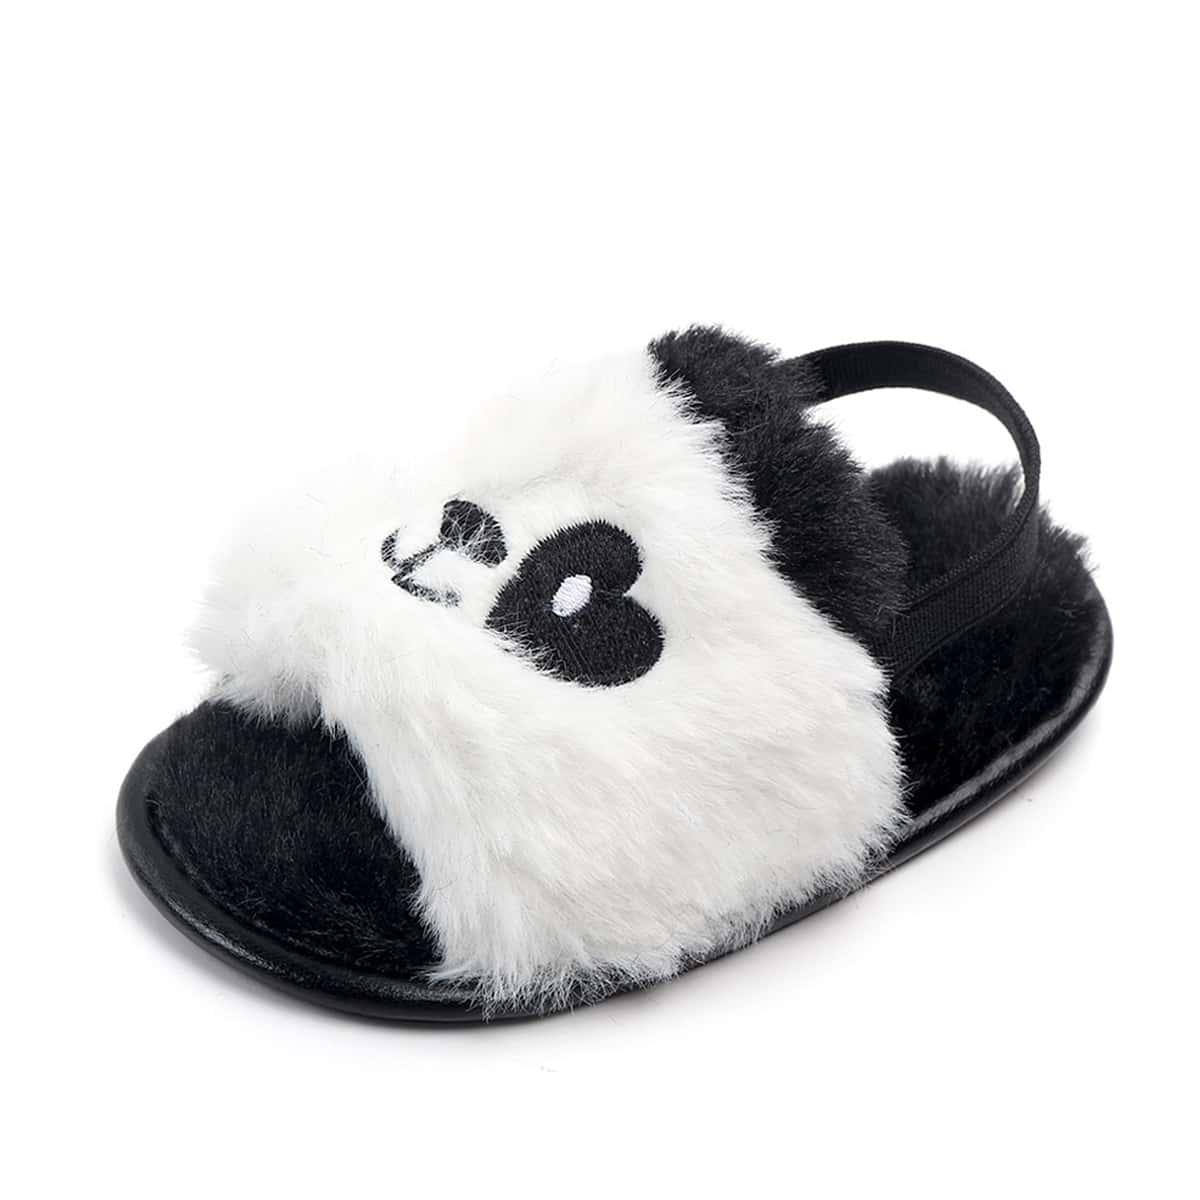 Плюшевые сандалии в форме панды для девочек